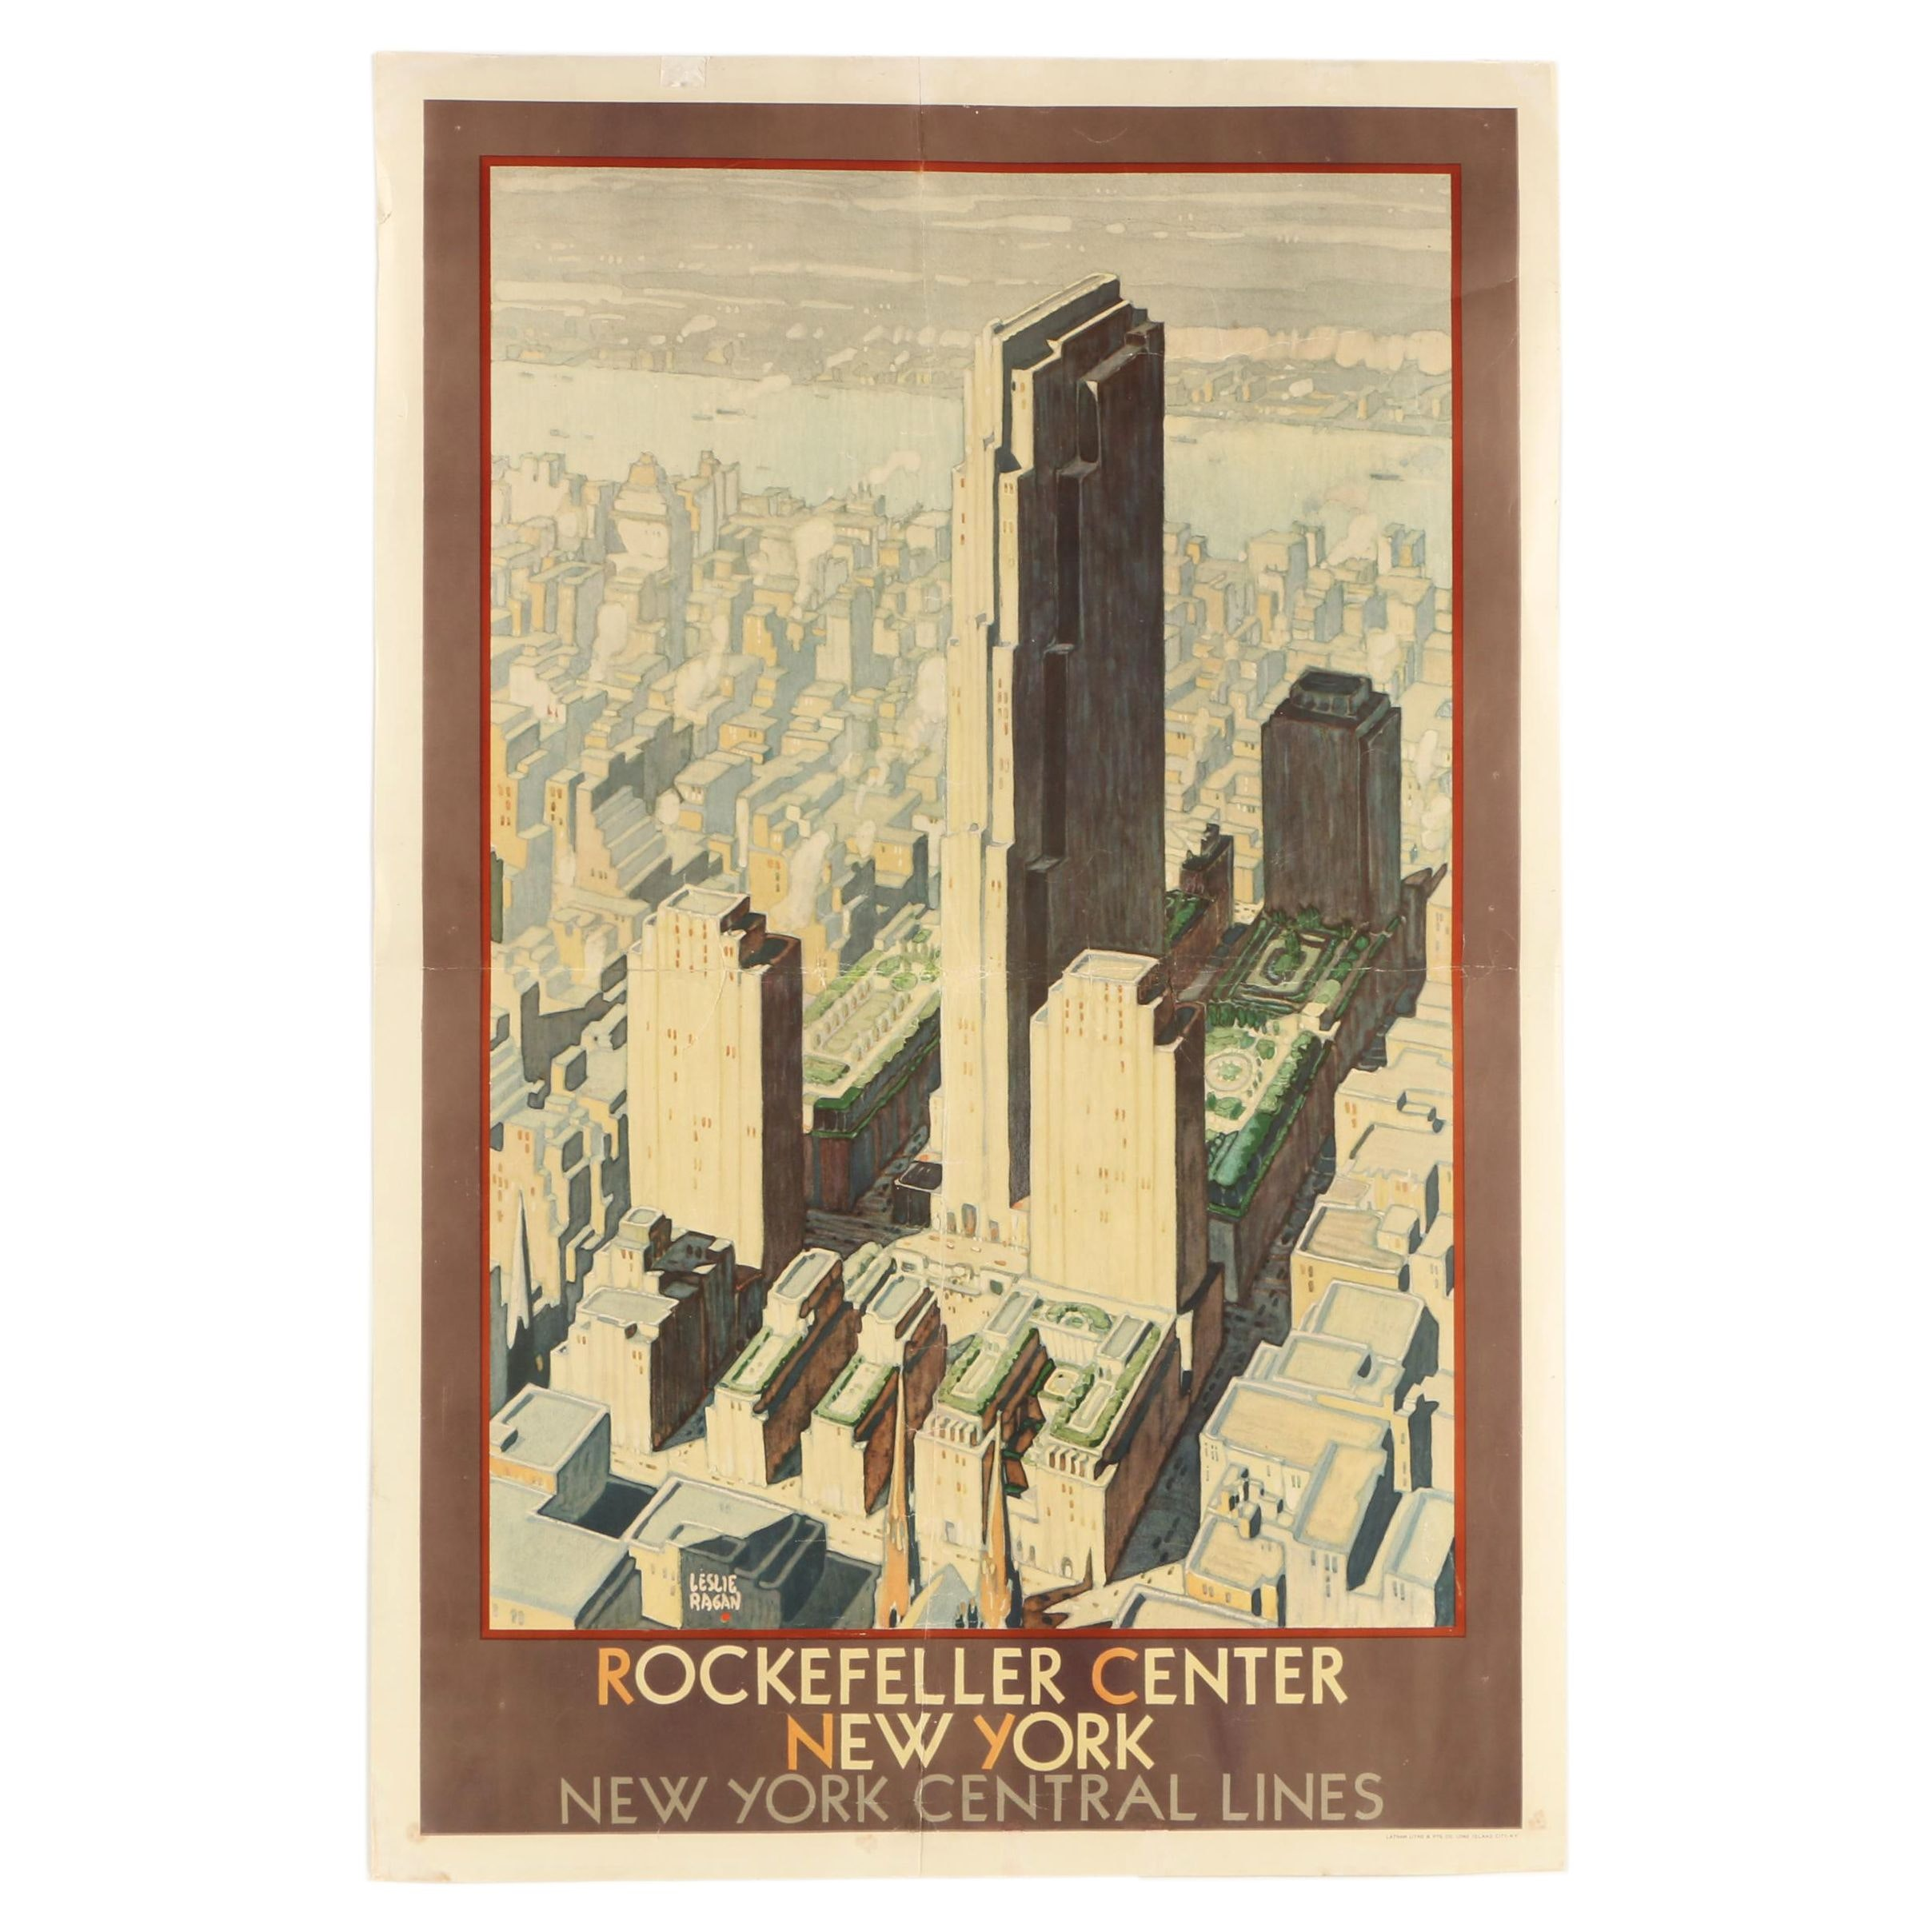 Poster of Rockefeller Center